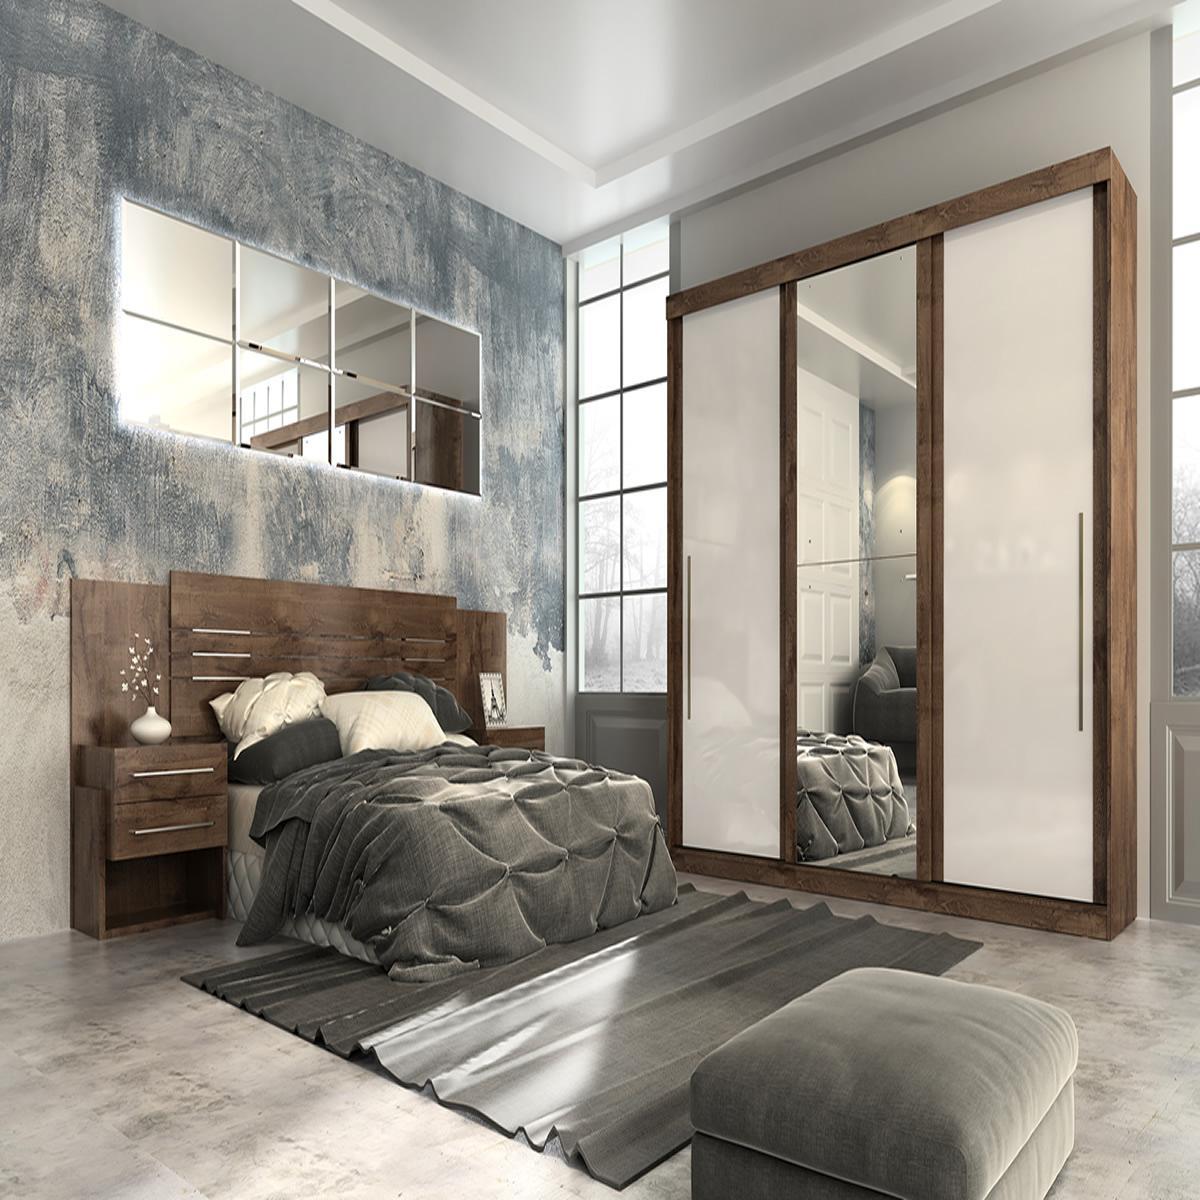 Roupeiro Ravena Plus 3 Portas Slide - 100% MDF - Com Espelho - Café/Café/Off White - Panan